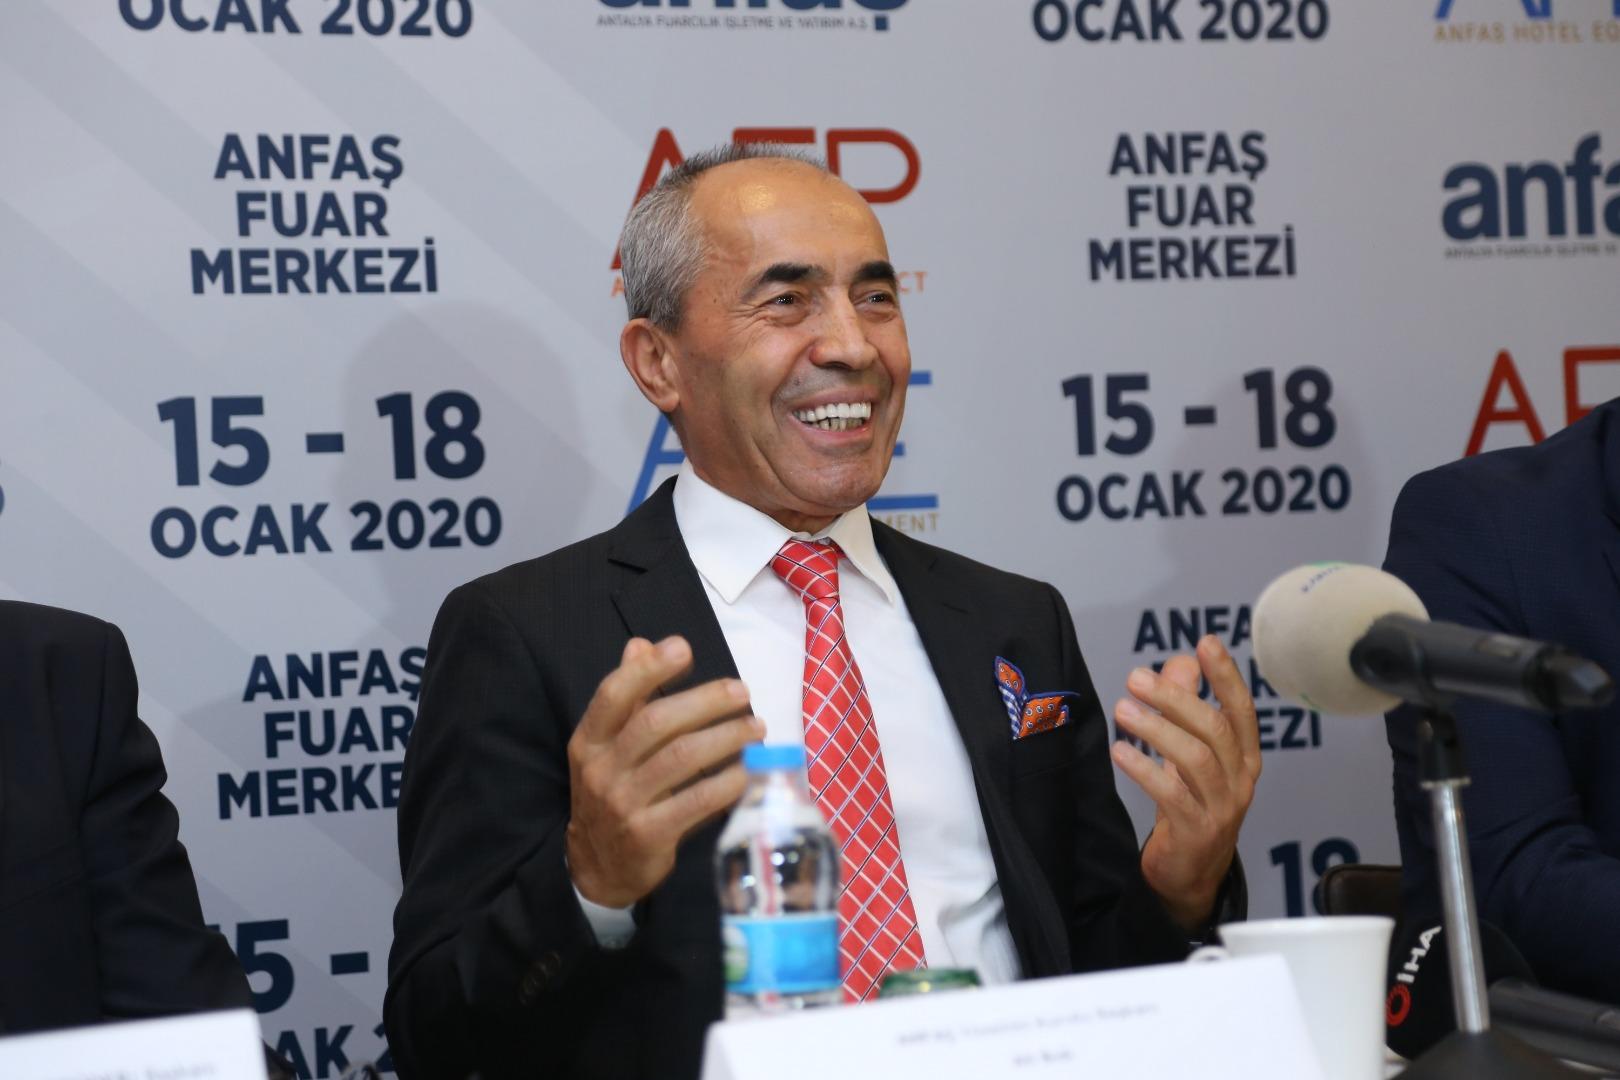 HORECA'nın hedefi 2020'de 3,5 milyar dolar